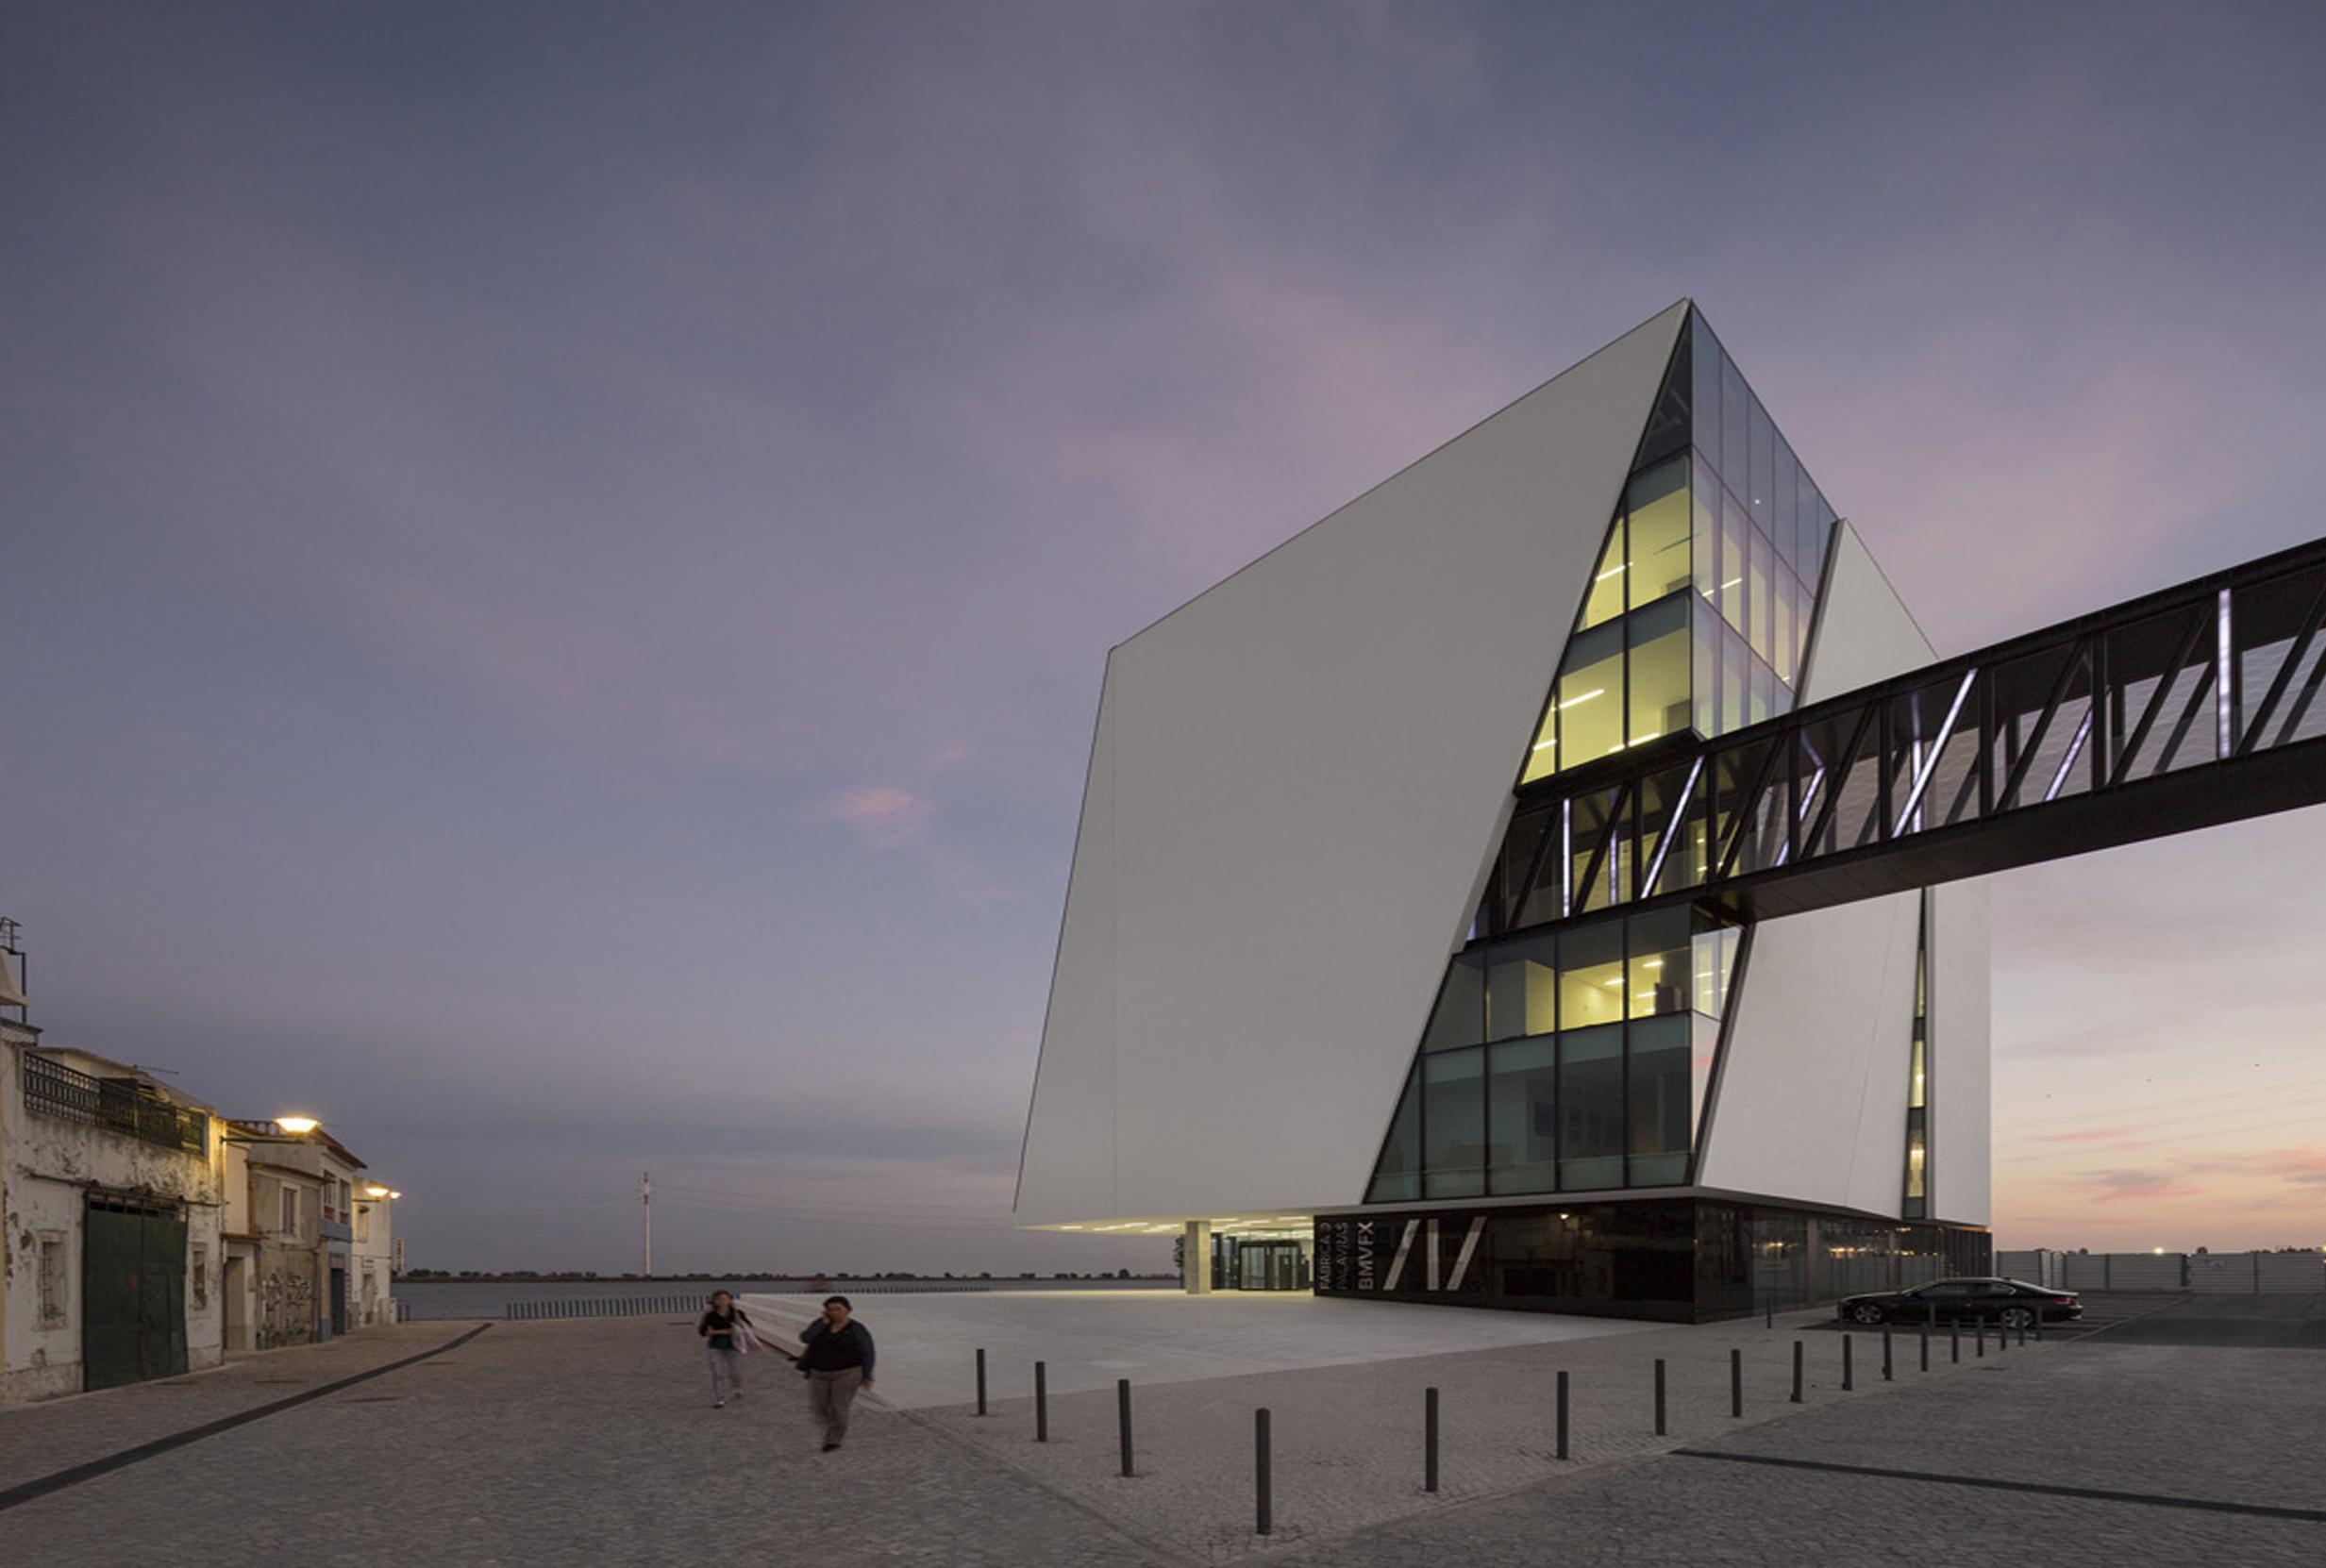 Edifício Fábrica das Palavras - Vila Franca de Xira